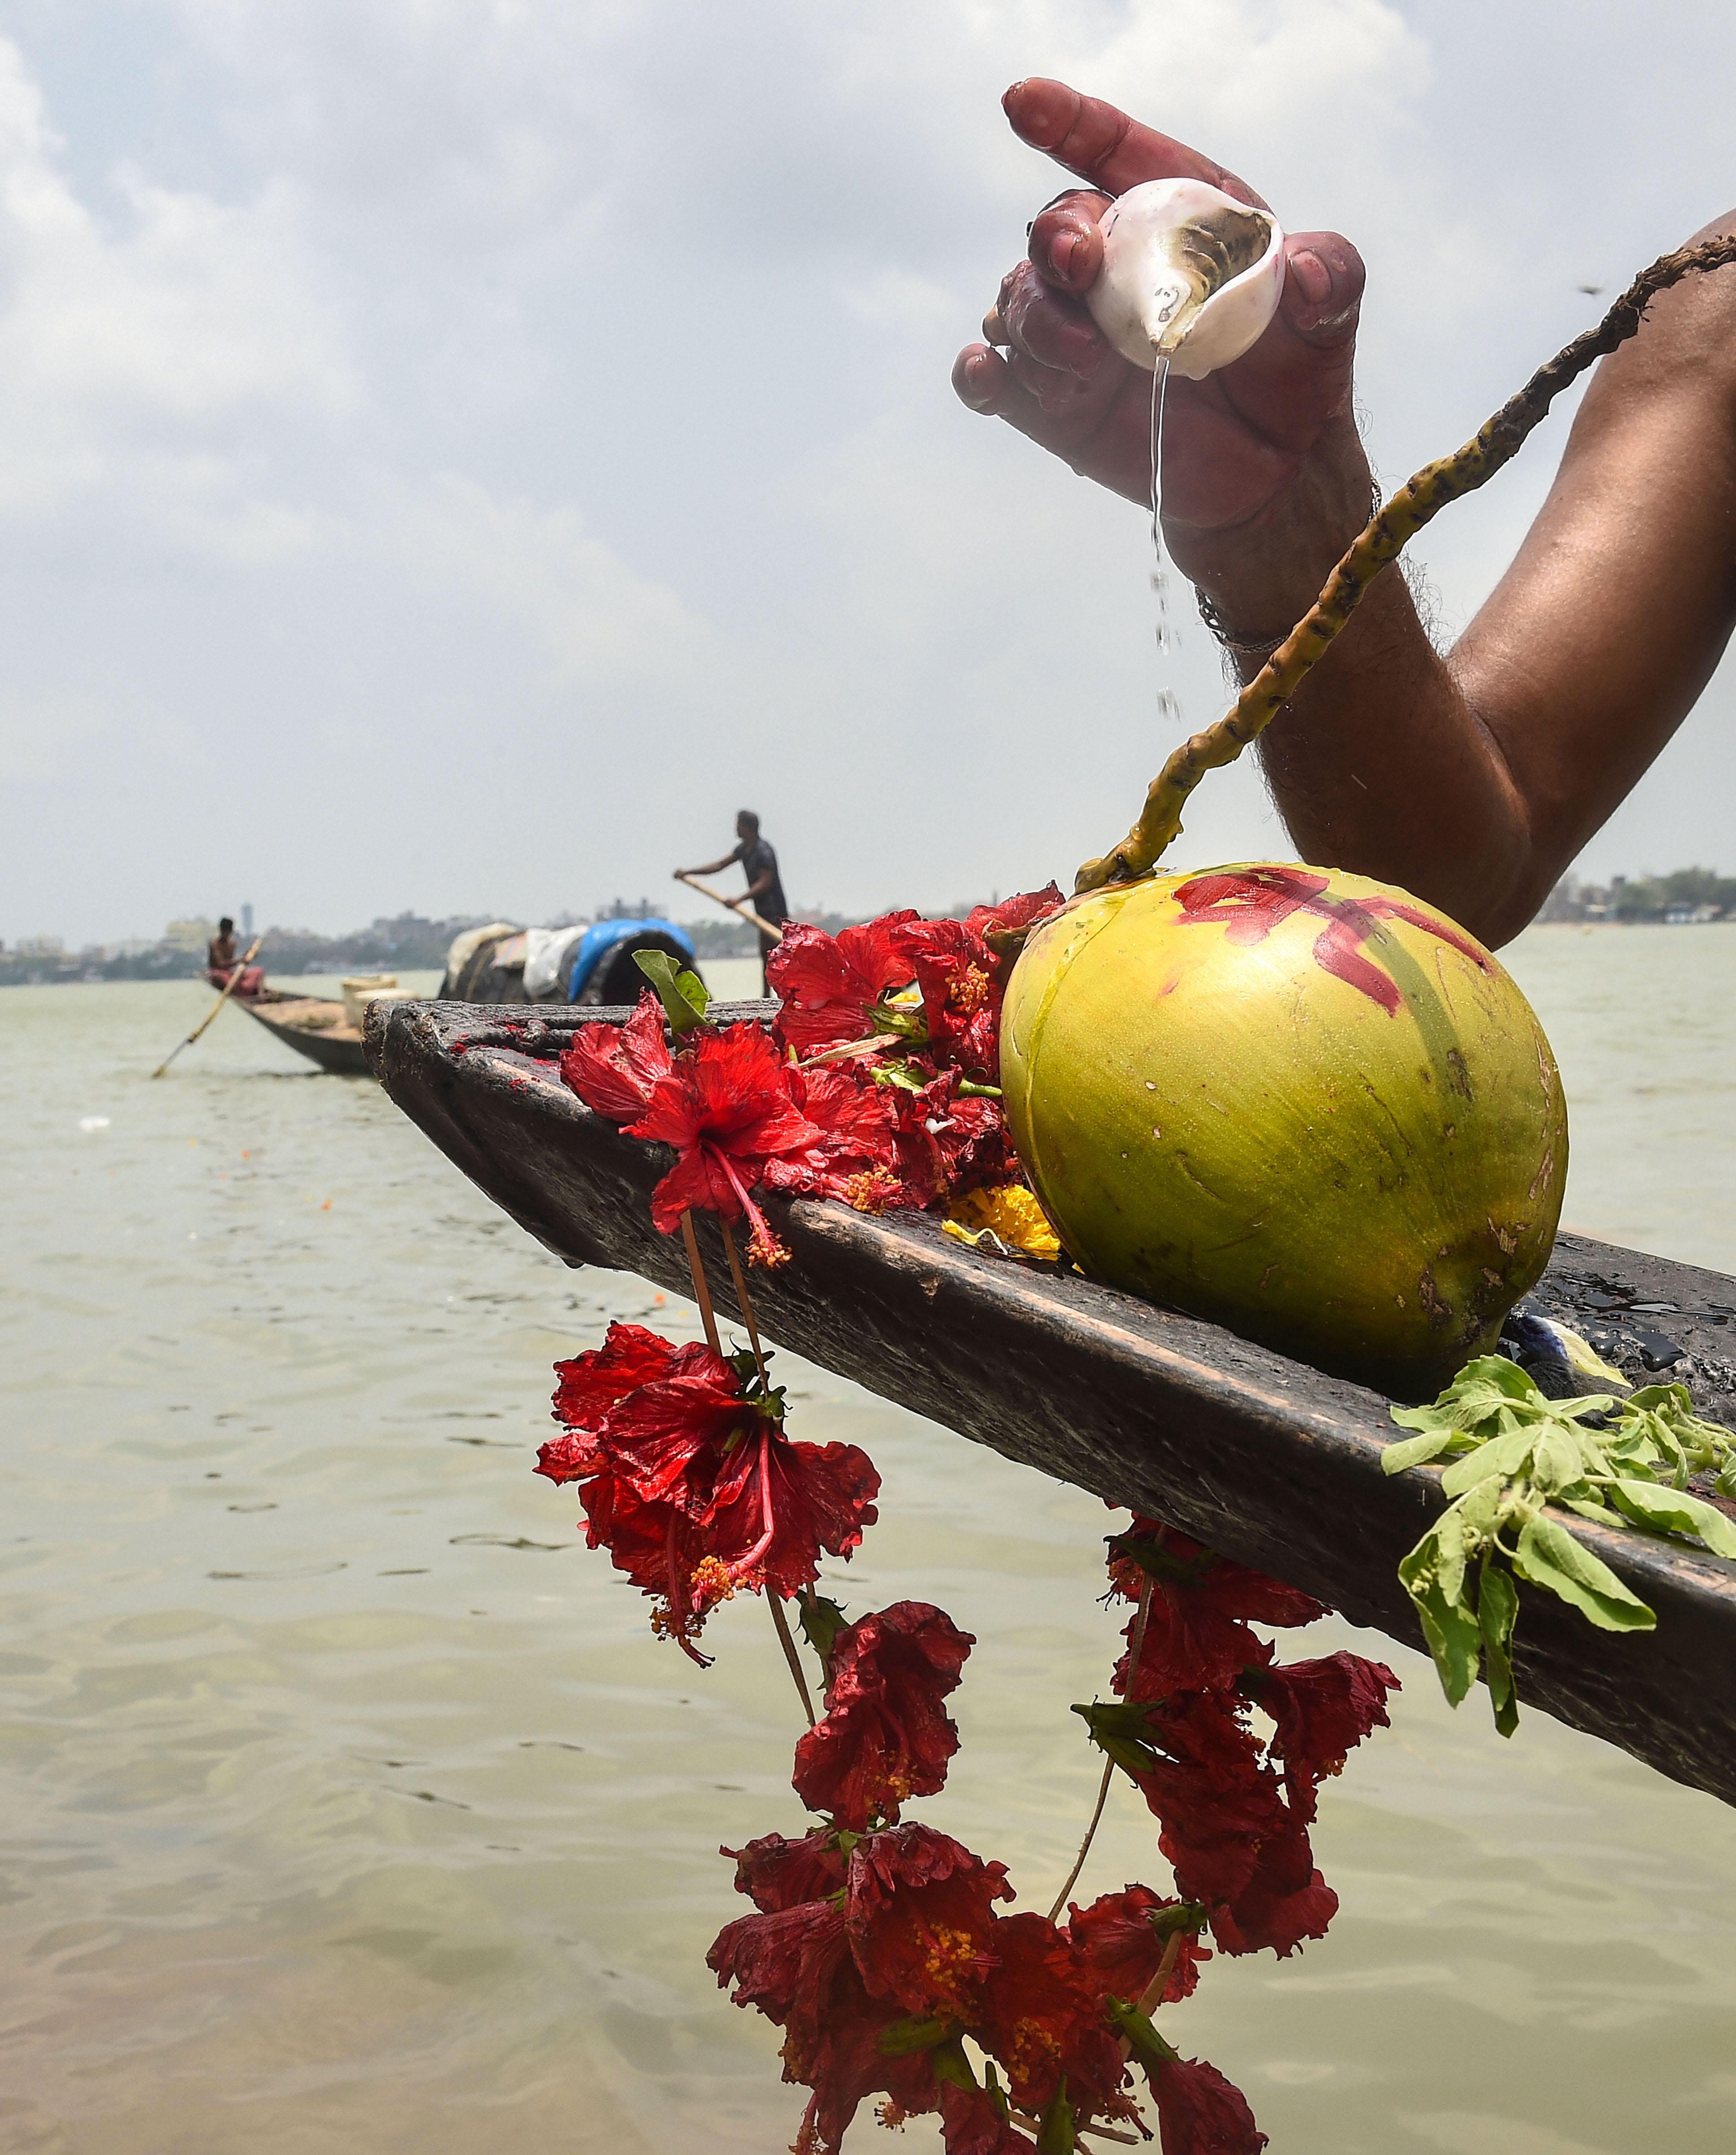 கொல்கத்தாவில் கங்கை தேவியை வழிபட்ட பக்தர்கள்